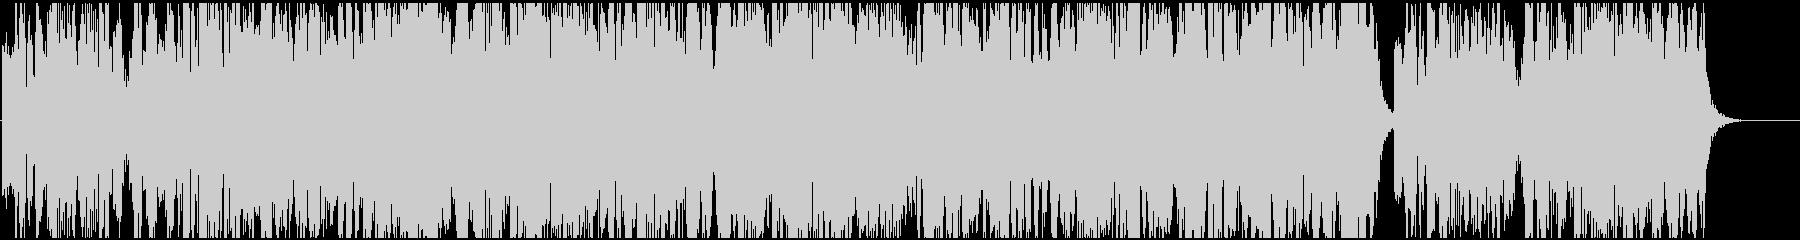 電子的なシンセサイザーによるミュージックの未再生の波形